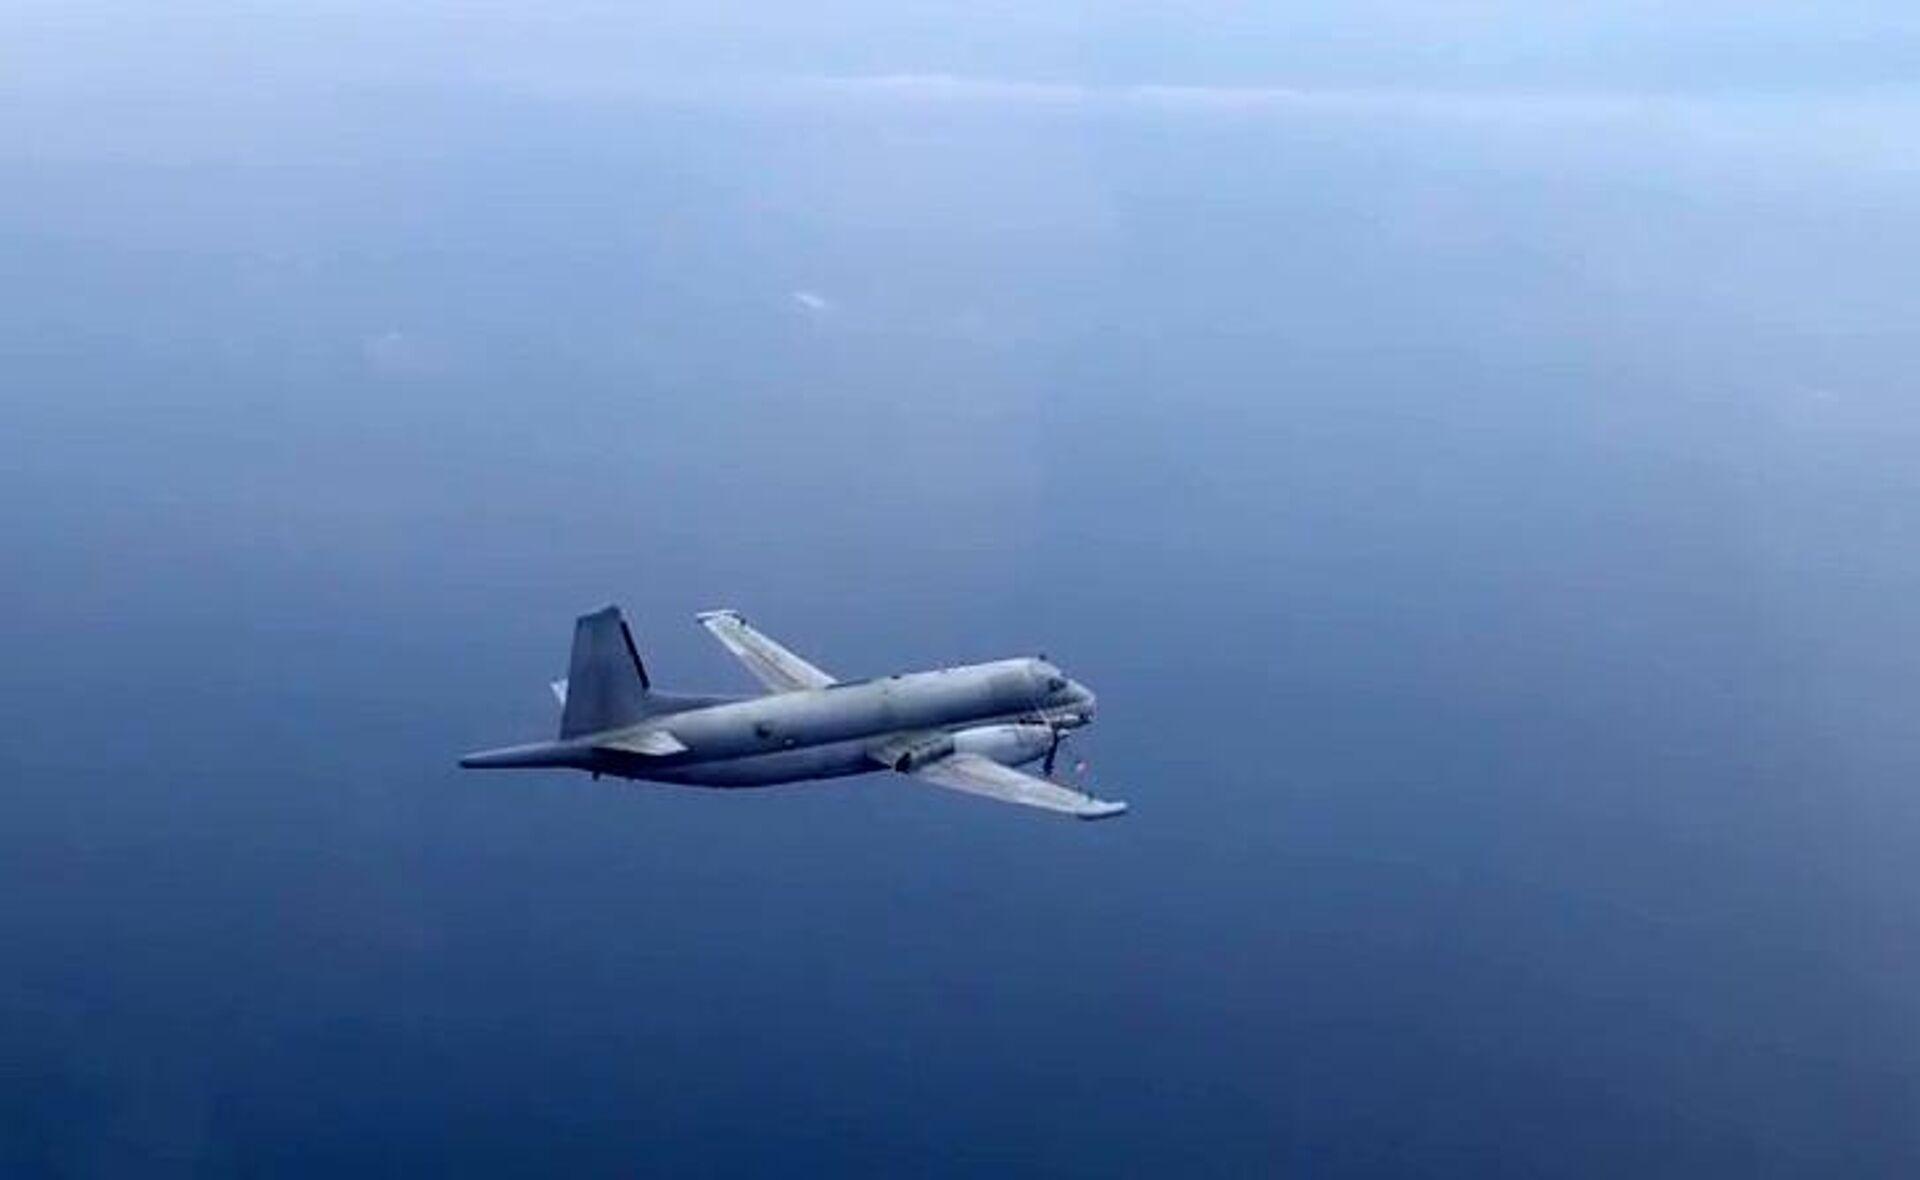 Самолет-разведчик НАТО, перехваченный над Черным морем. Скриншот видео - РИА Новости, 1920, 14.09.2020